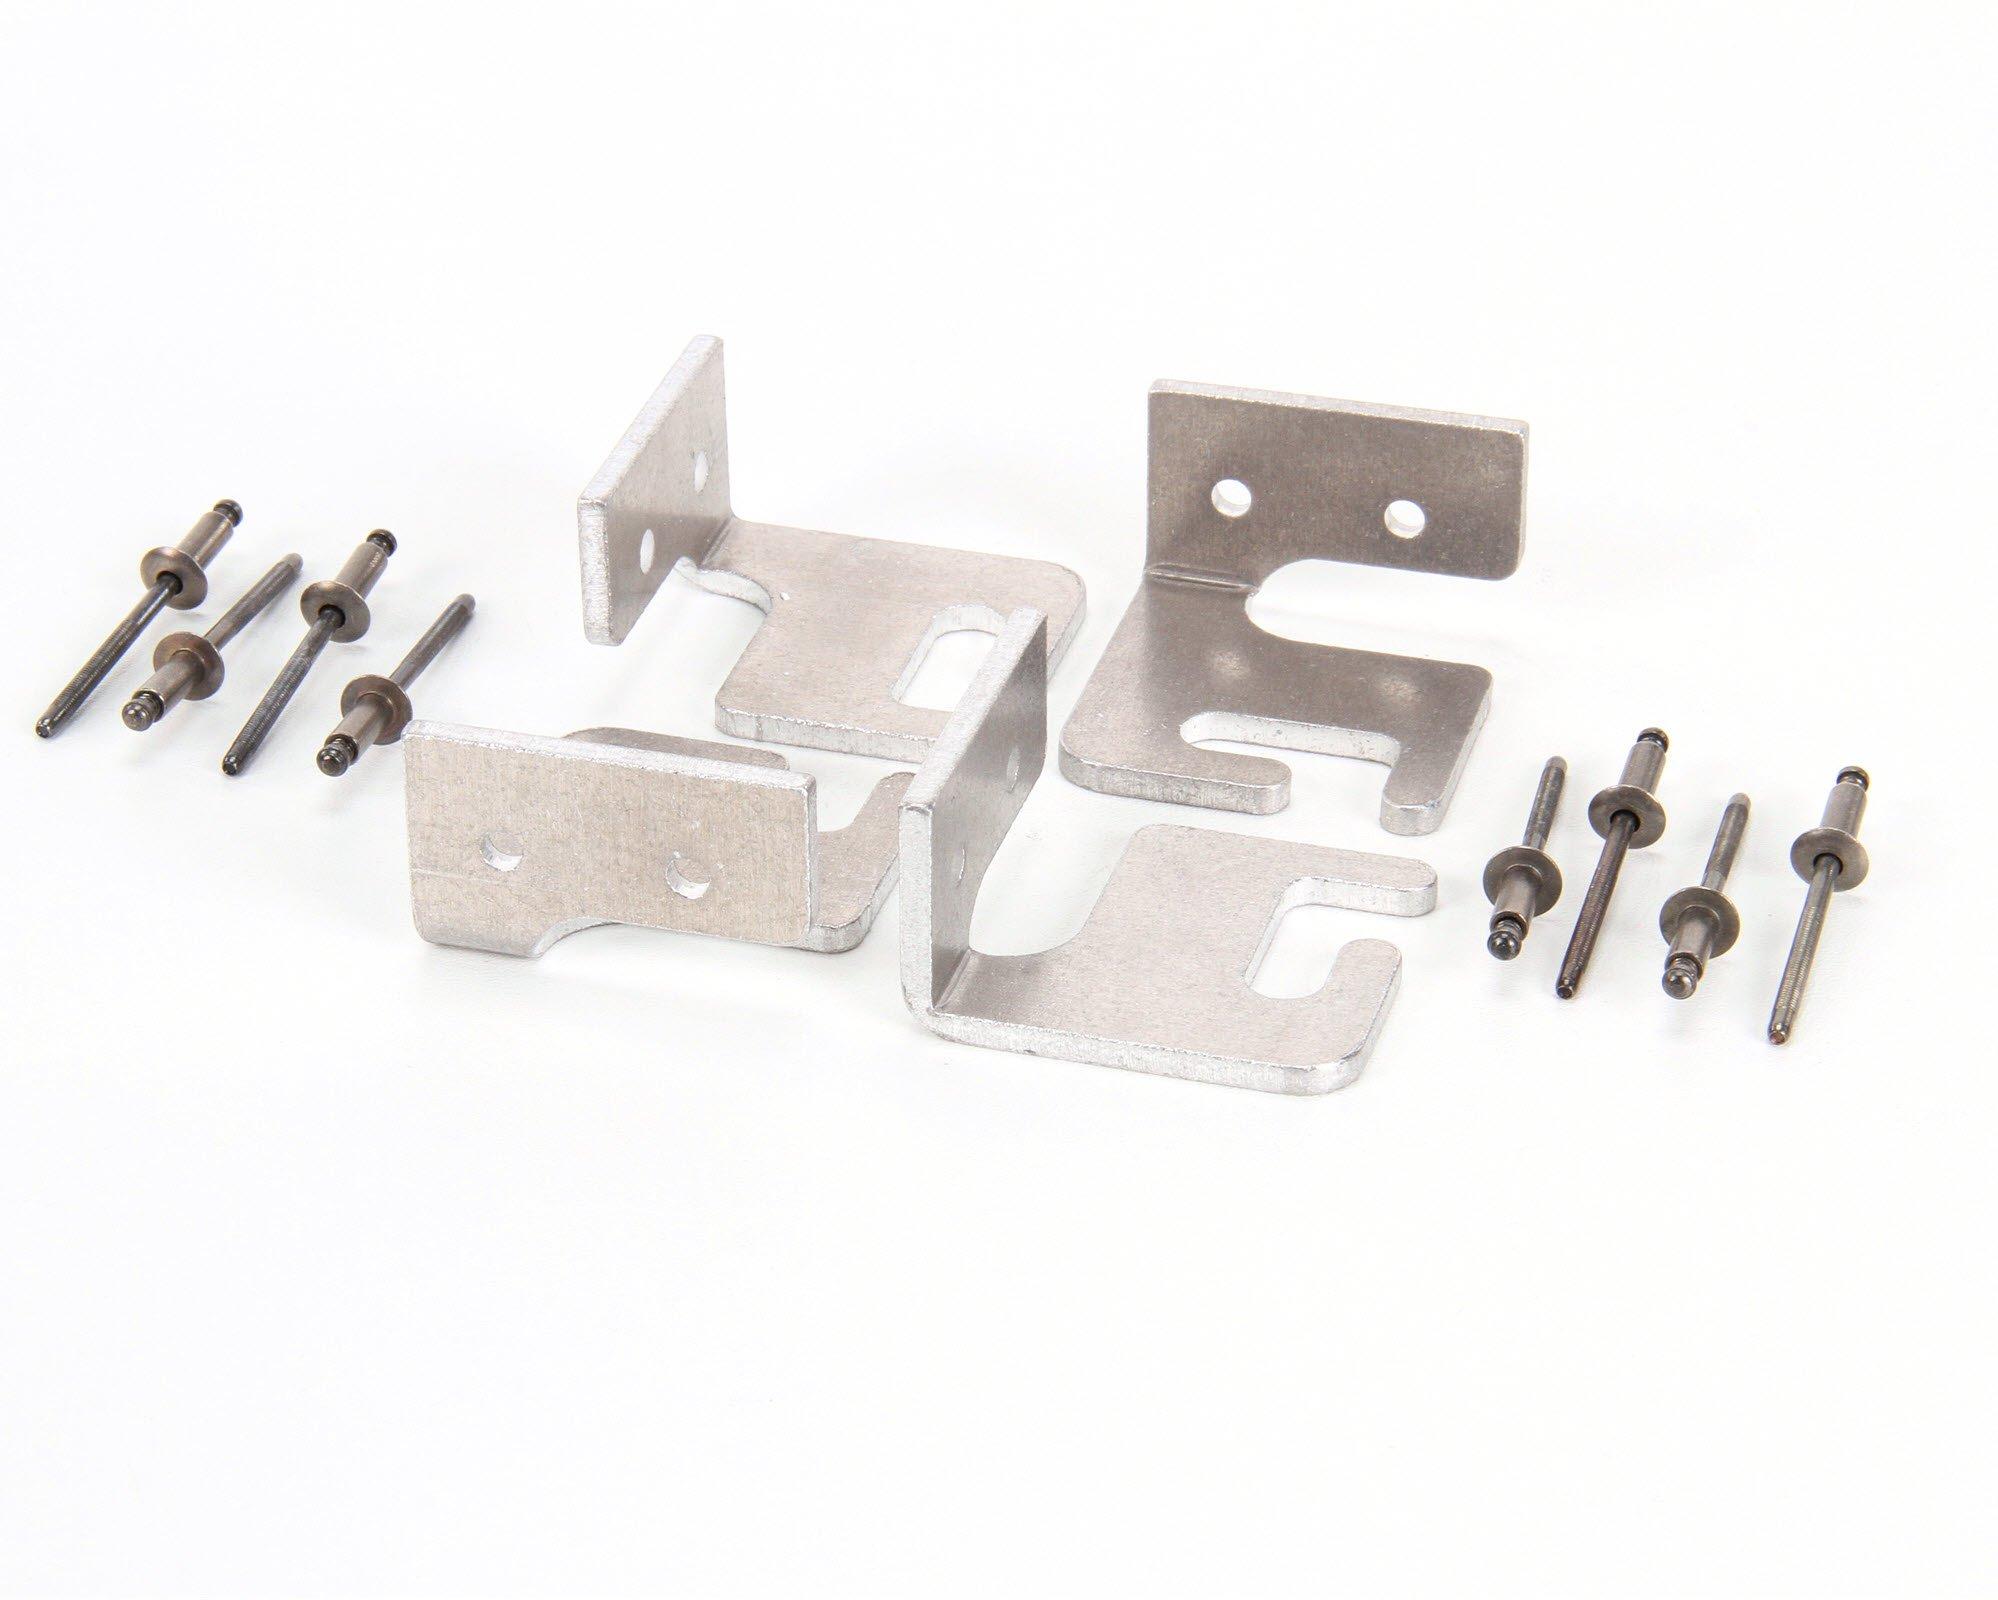 Intermetro RPHANG-KIT Rack Hanger Kit